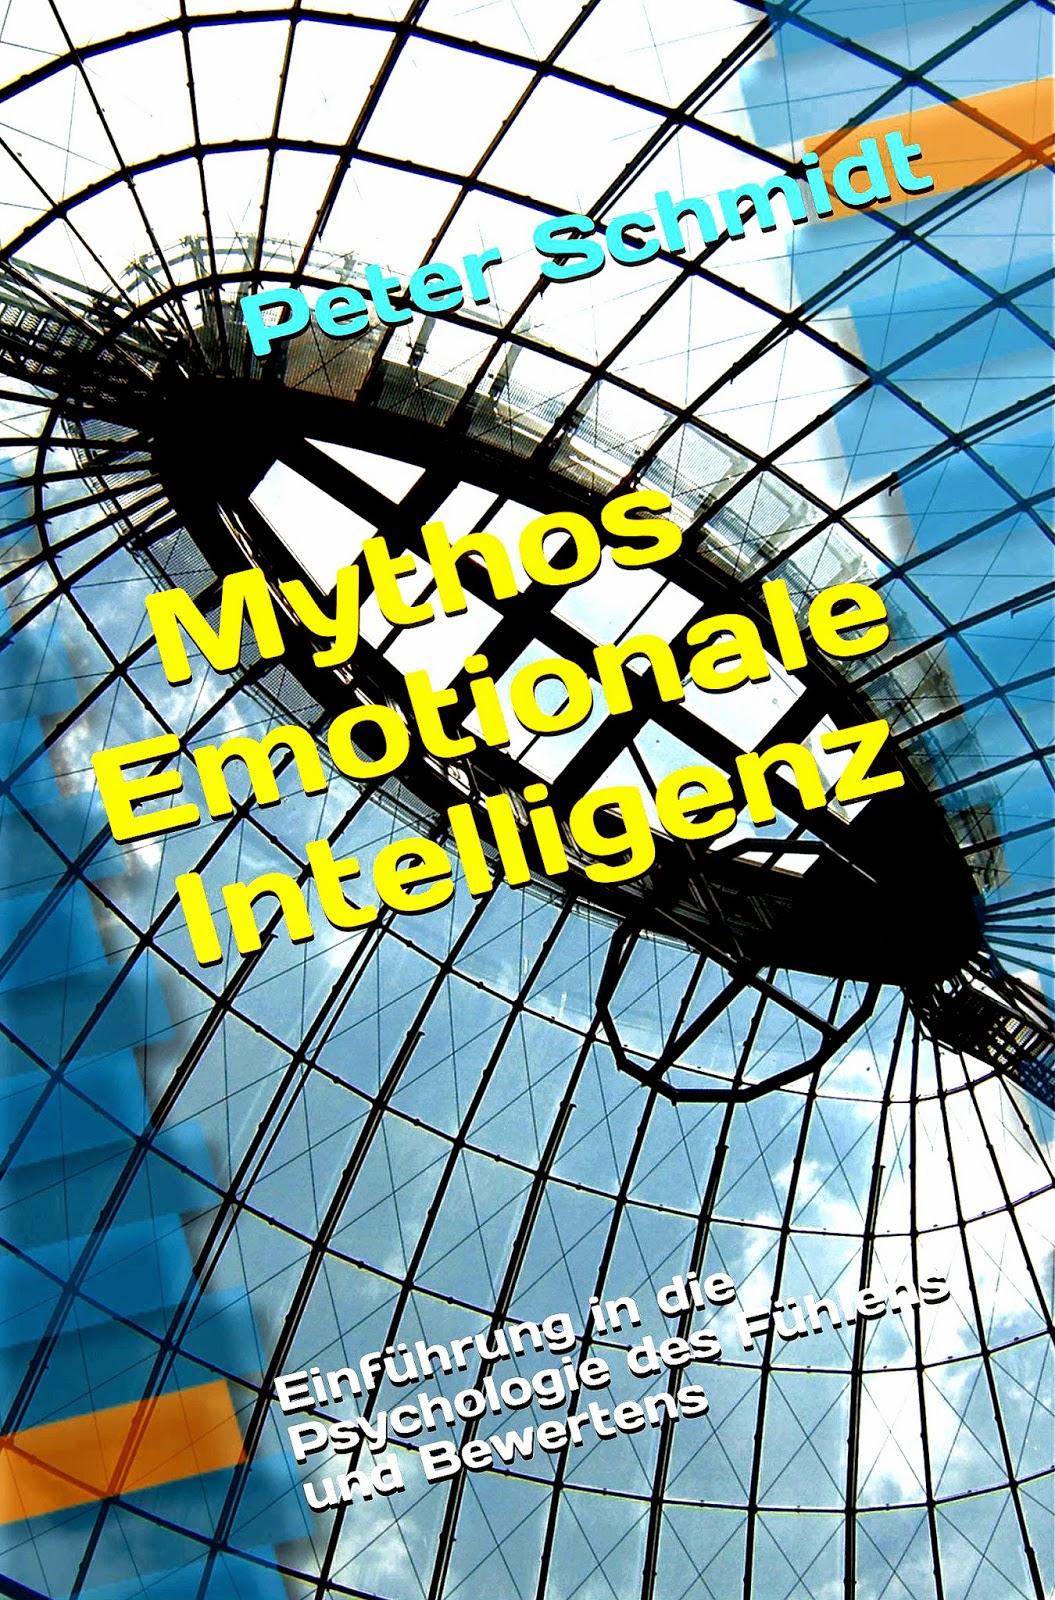 https://www.amazon.de/Mythos-Emotionale-Intelligenz-Einf%C3%BChrung-Psychologie/dp/1507707940/ref=sr_1_1?ie=UTF8&qid=1467975932&sr=8-1&keywords=Mythos+emotionale+intelligenz